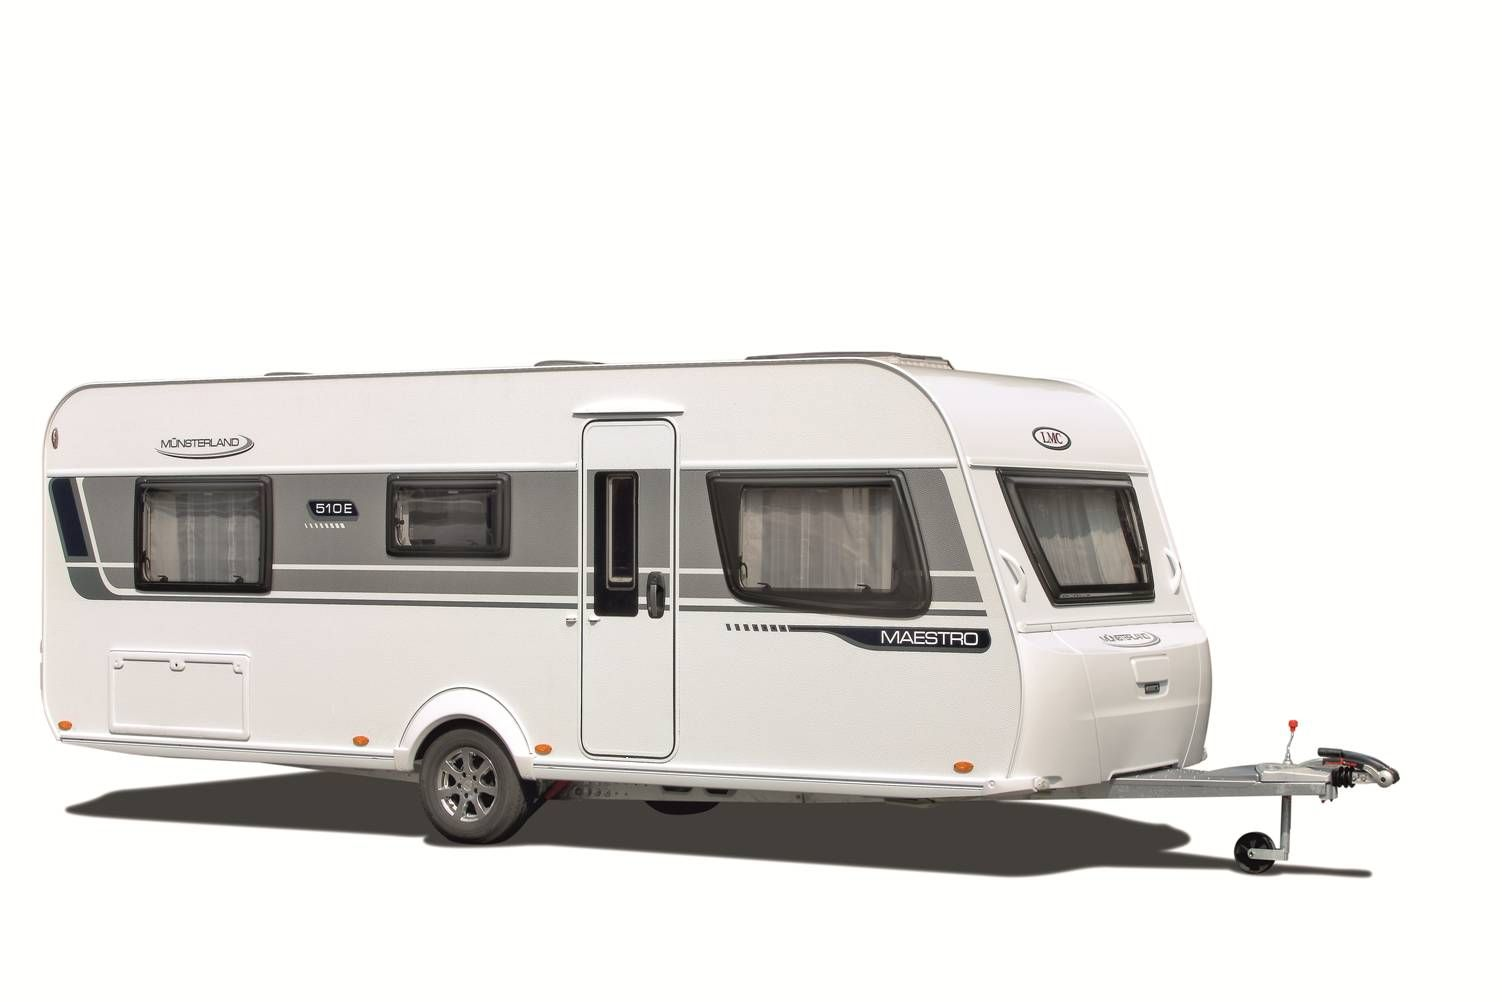 Der Maestro Caravan (510E) erfüllt Wünsche, an die man vorher noch gar nicht gedacht hat! #Caravan #mobilehome #Münsterland #LMC